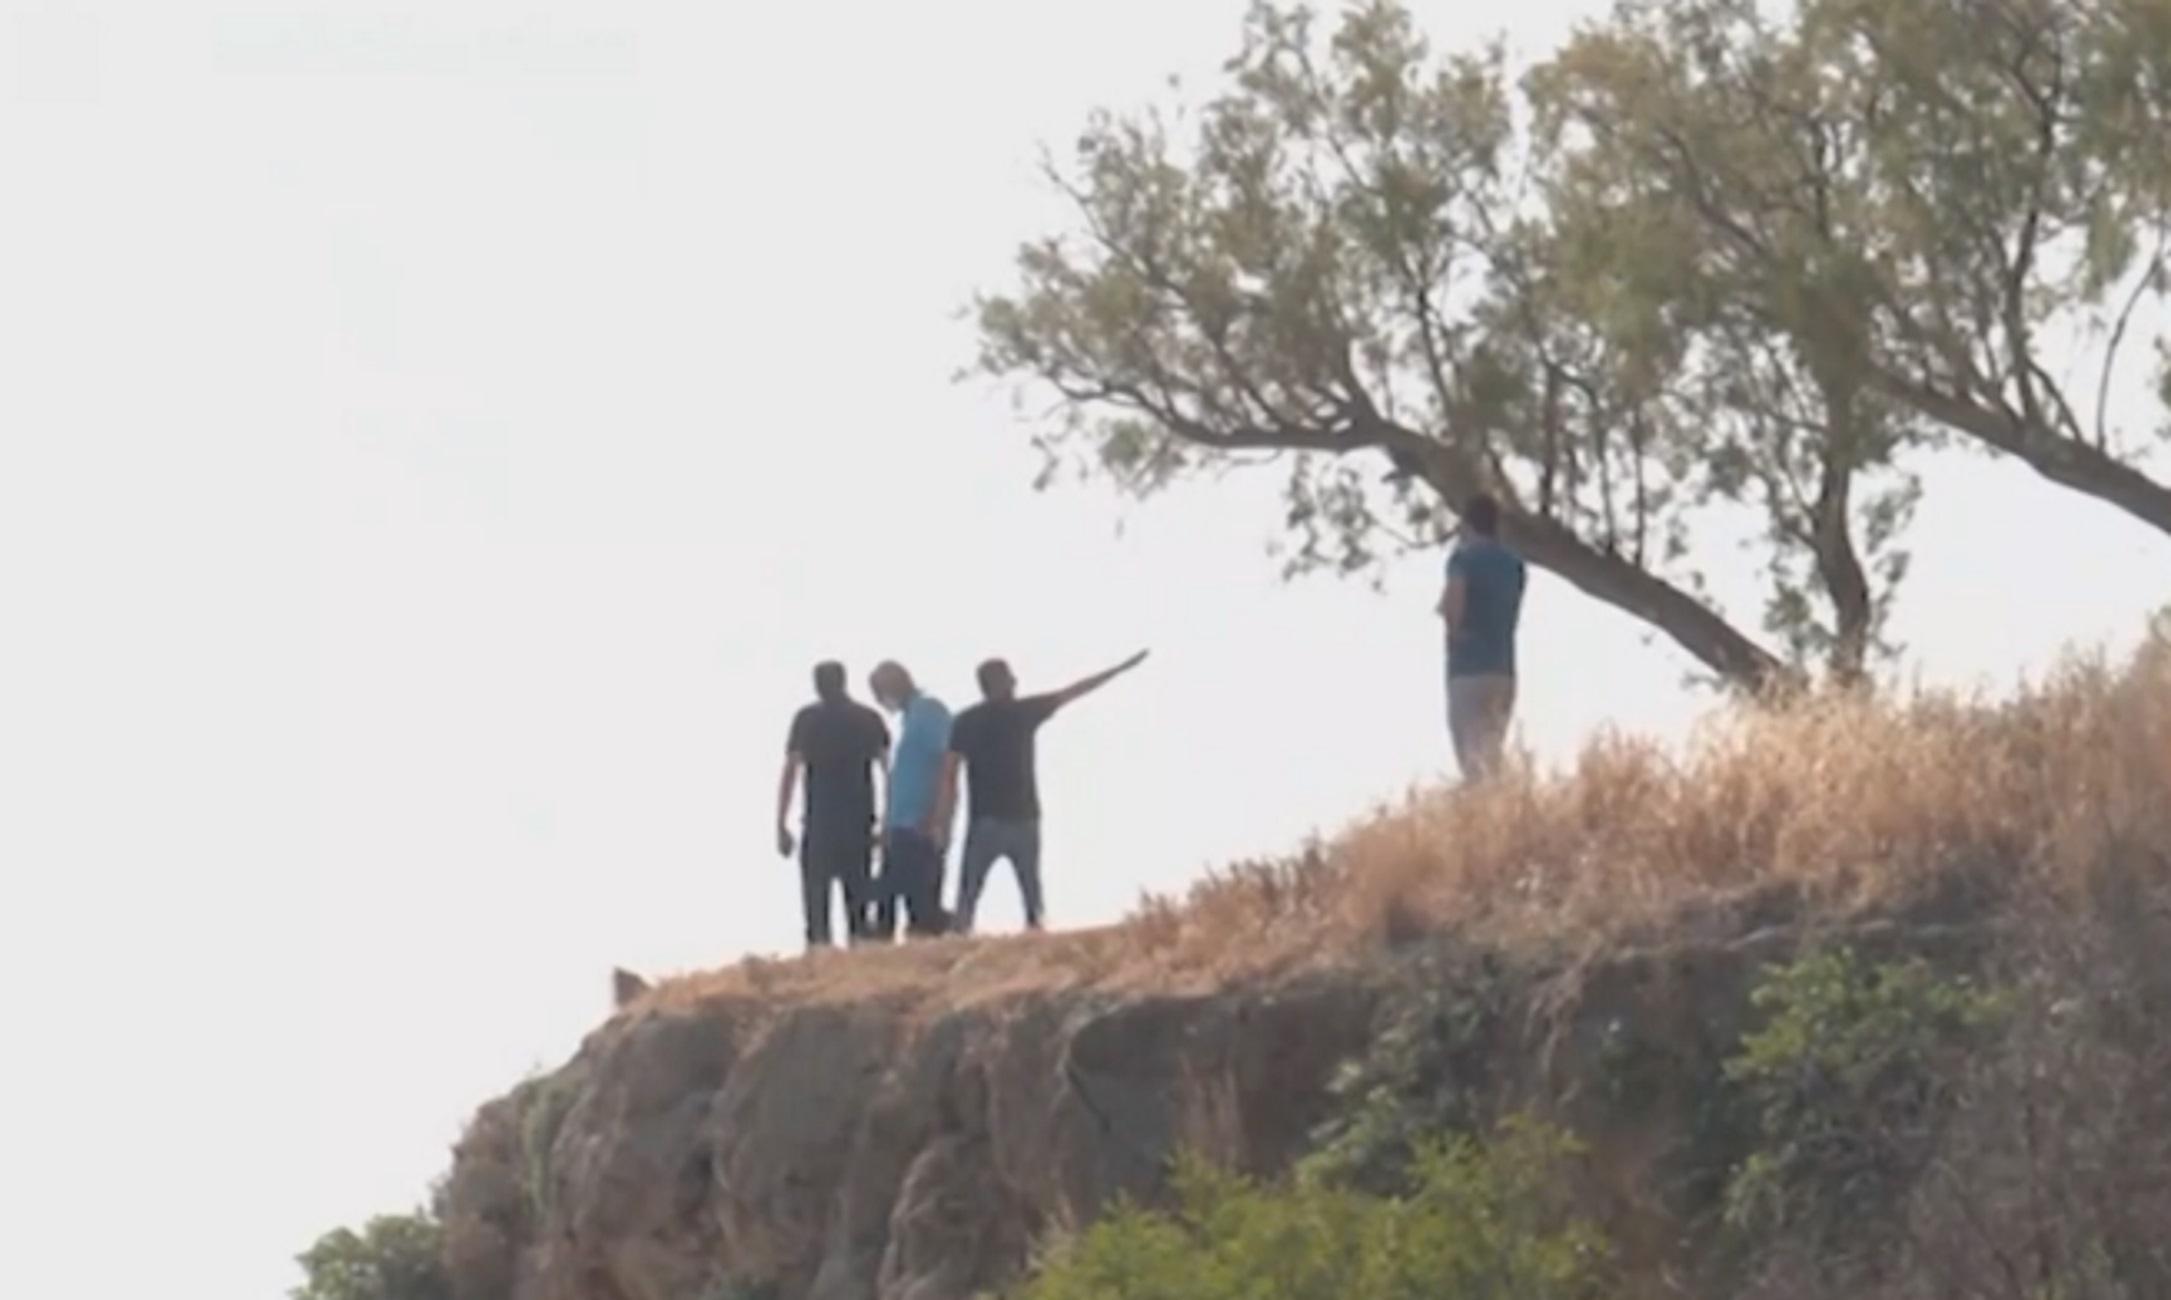 Χανιά: Ευρήματα στο σημείο που βρέθηκε νεκρή η 11χρονη Ιωάννα – Τι προβληματίζει την αστυνομία